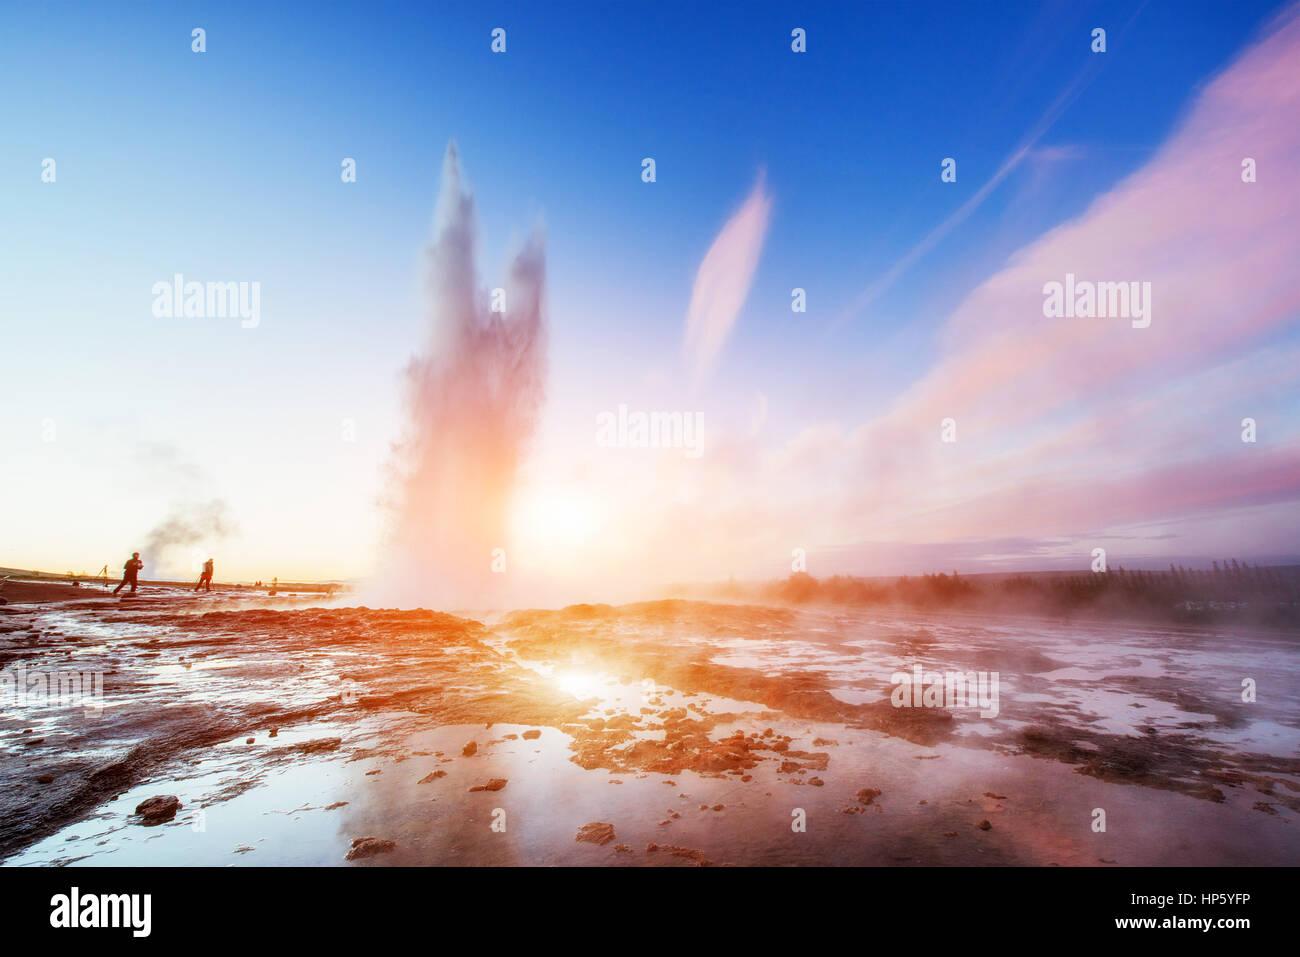 Fantastischer Sonnenuntergang Strokkur Geysir Ausbruch in Island. Stockbild